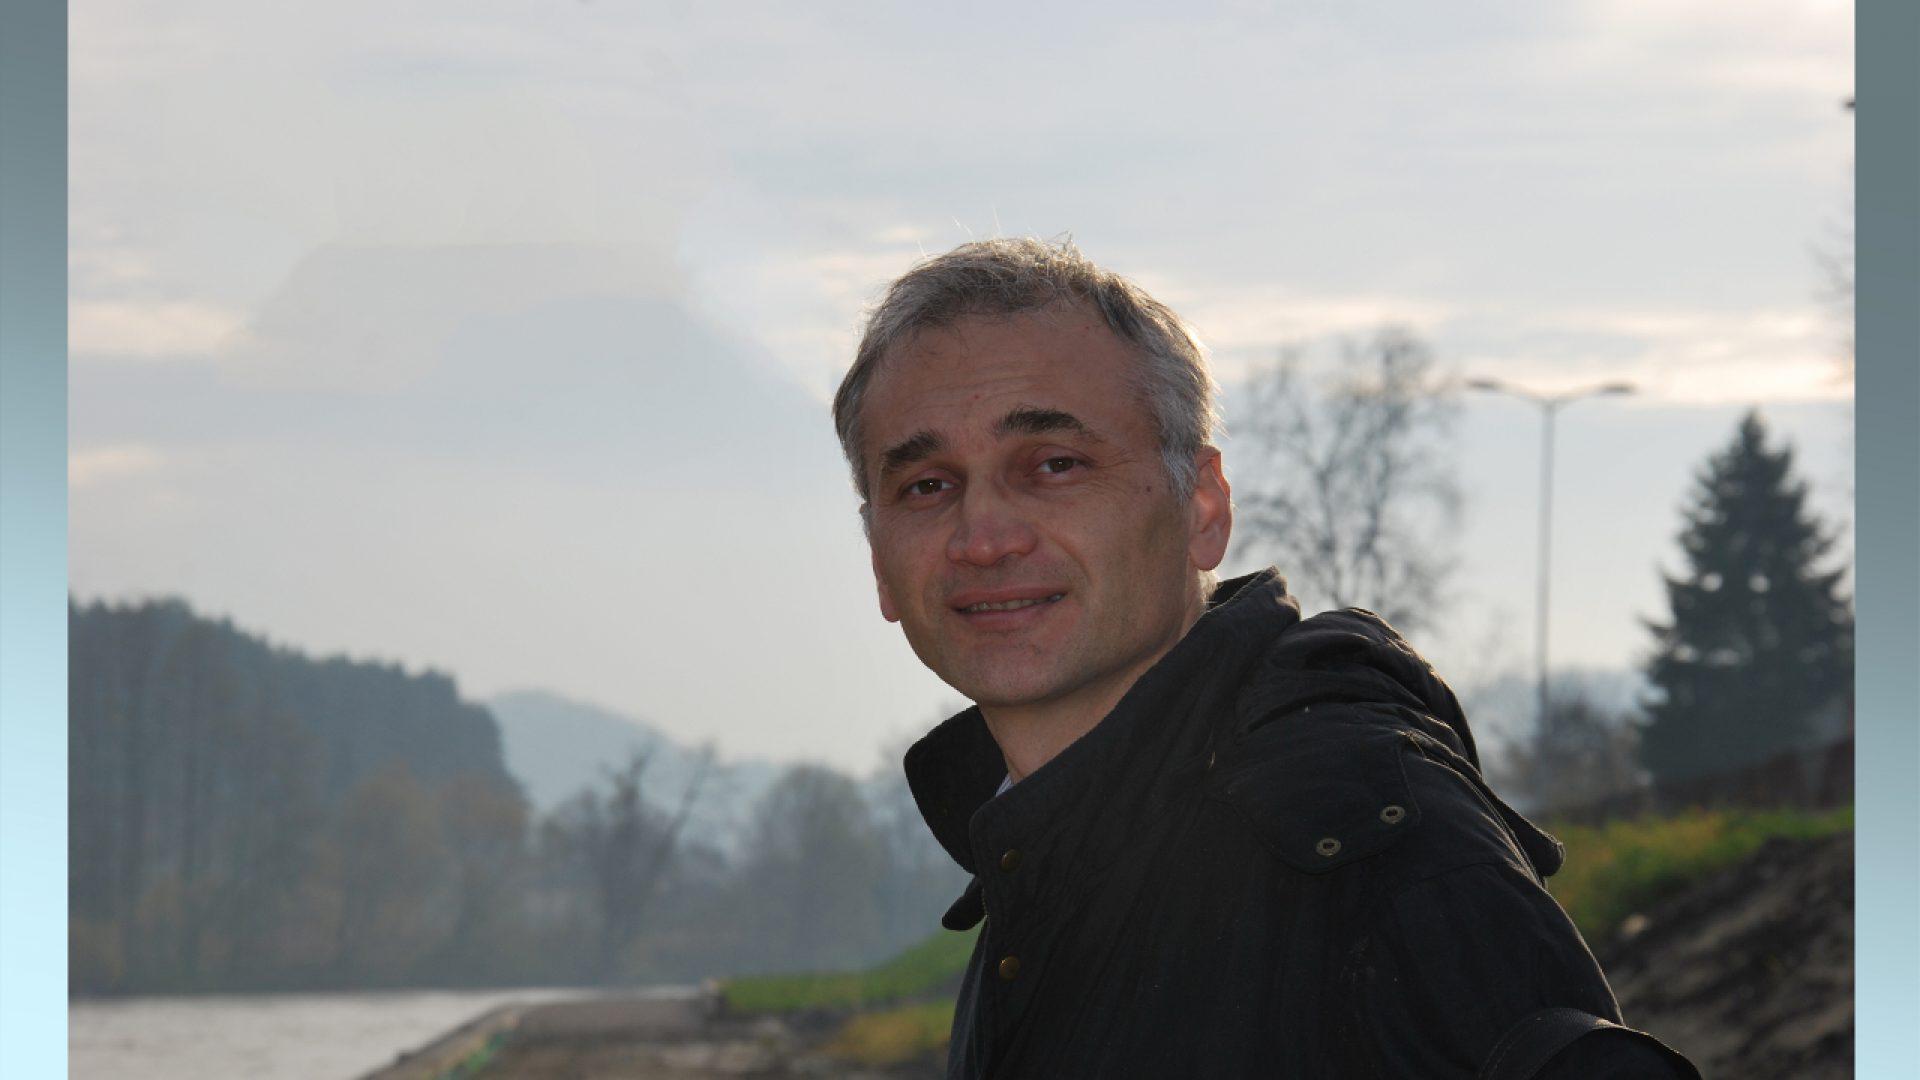 Almir Đuhera